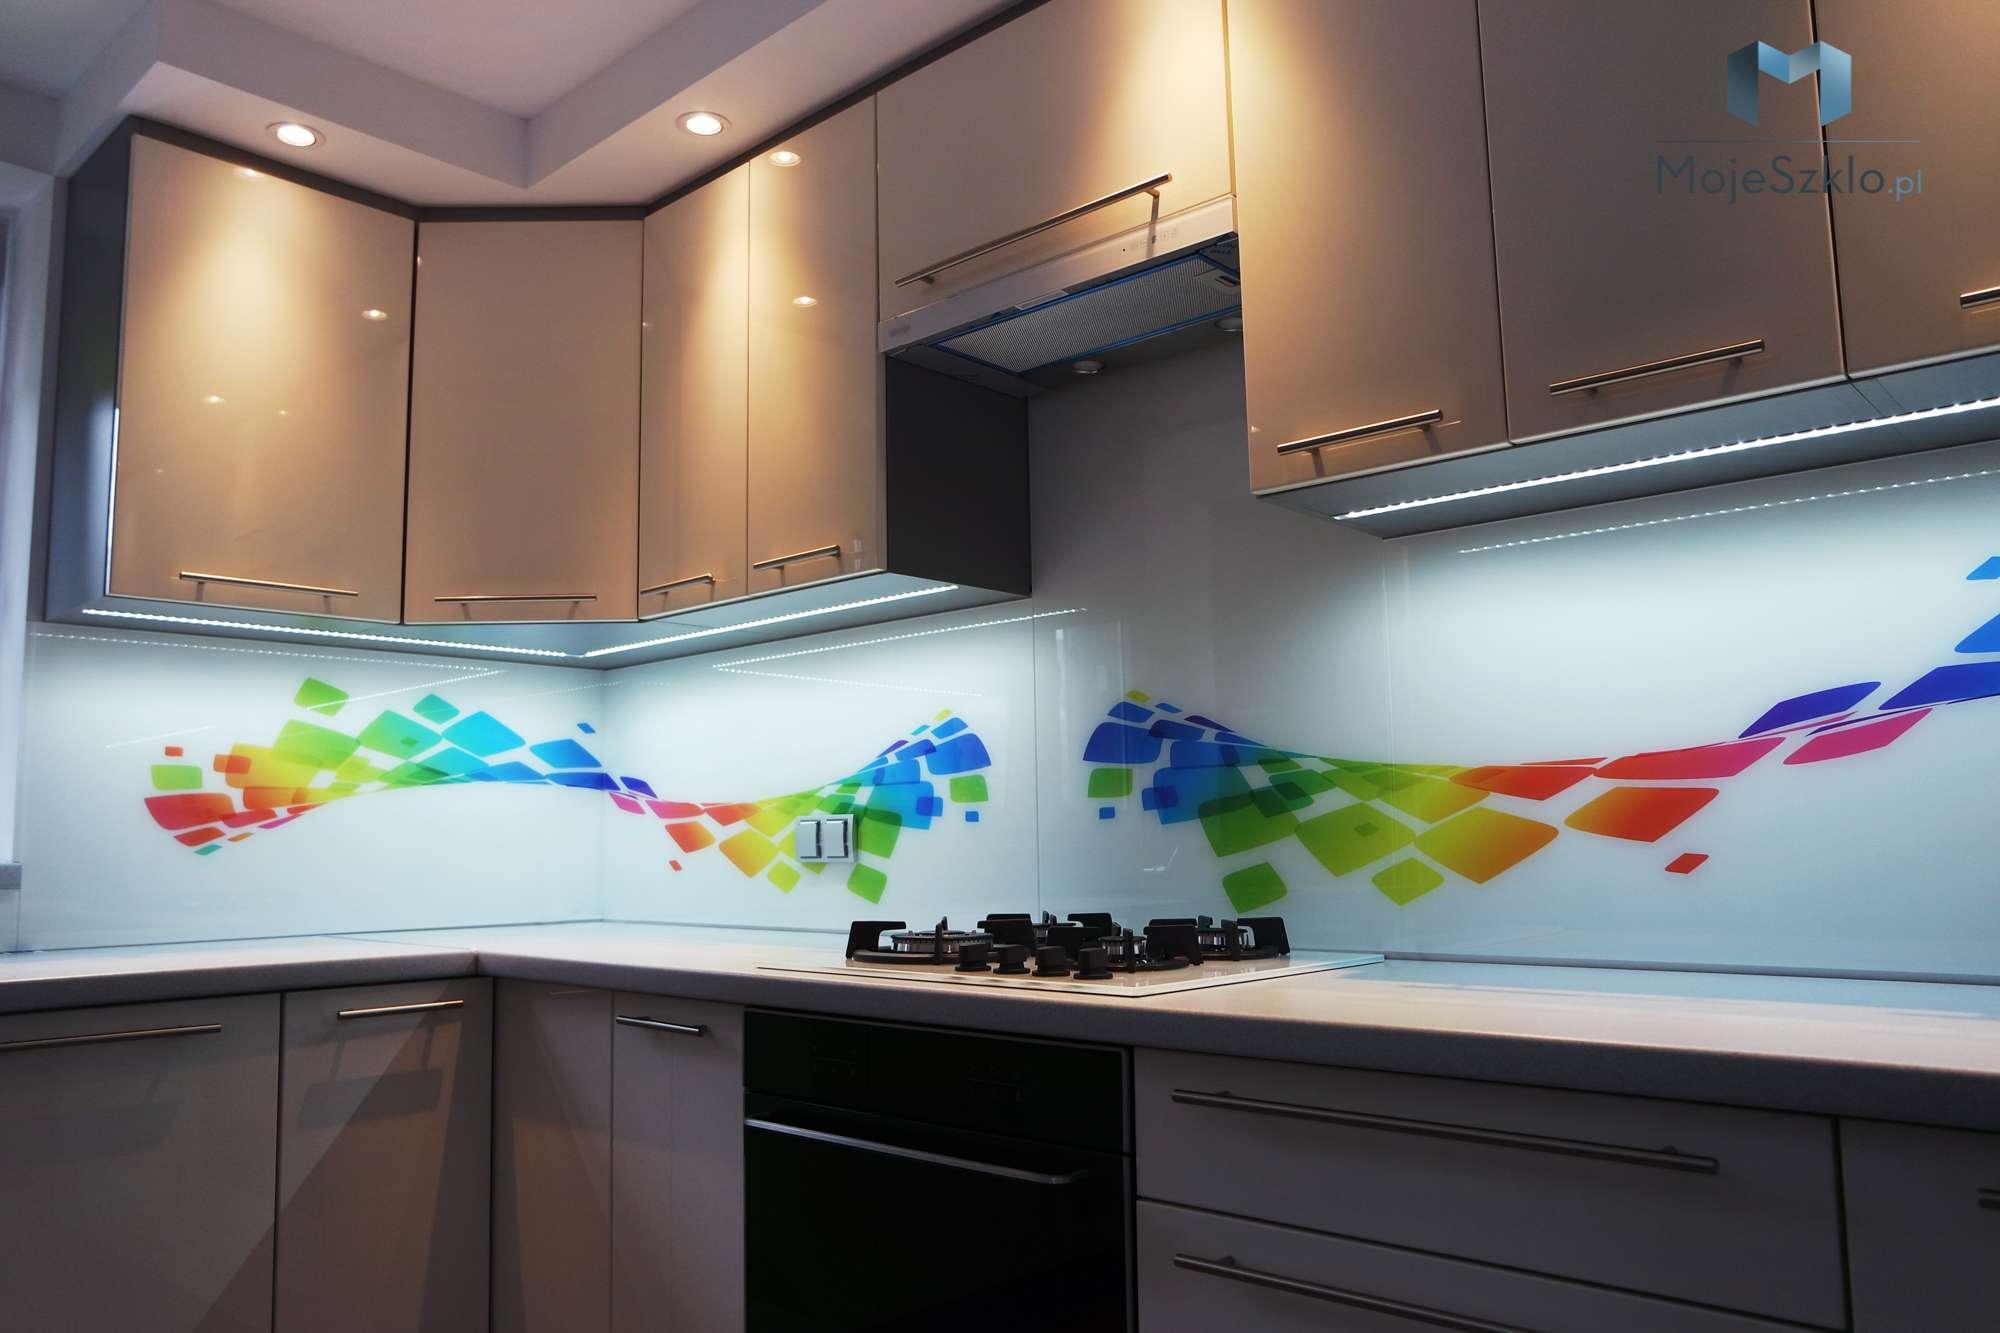 Grafika Na Szkle Do Kuchni Abstrakcje Mojeszklopl